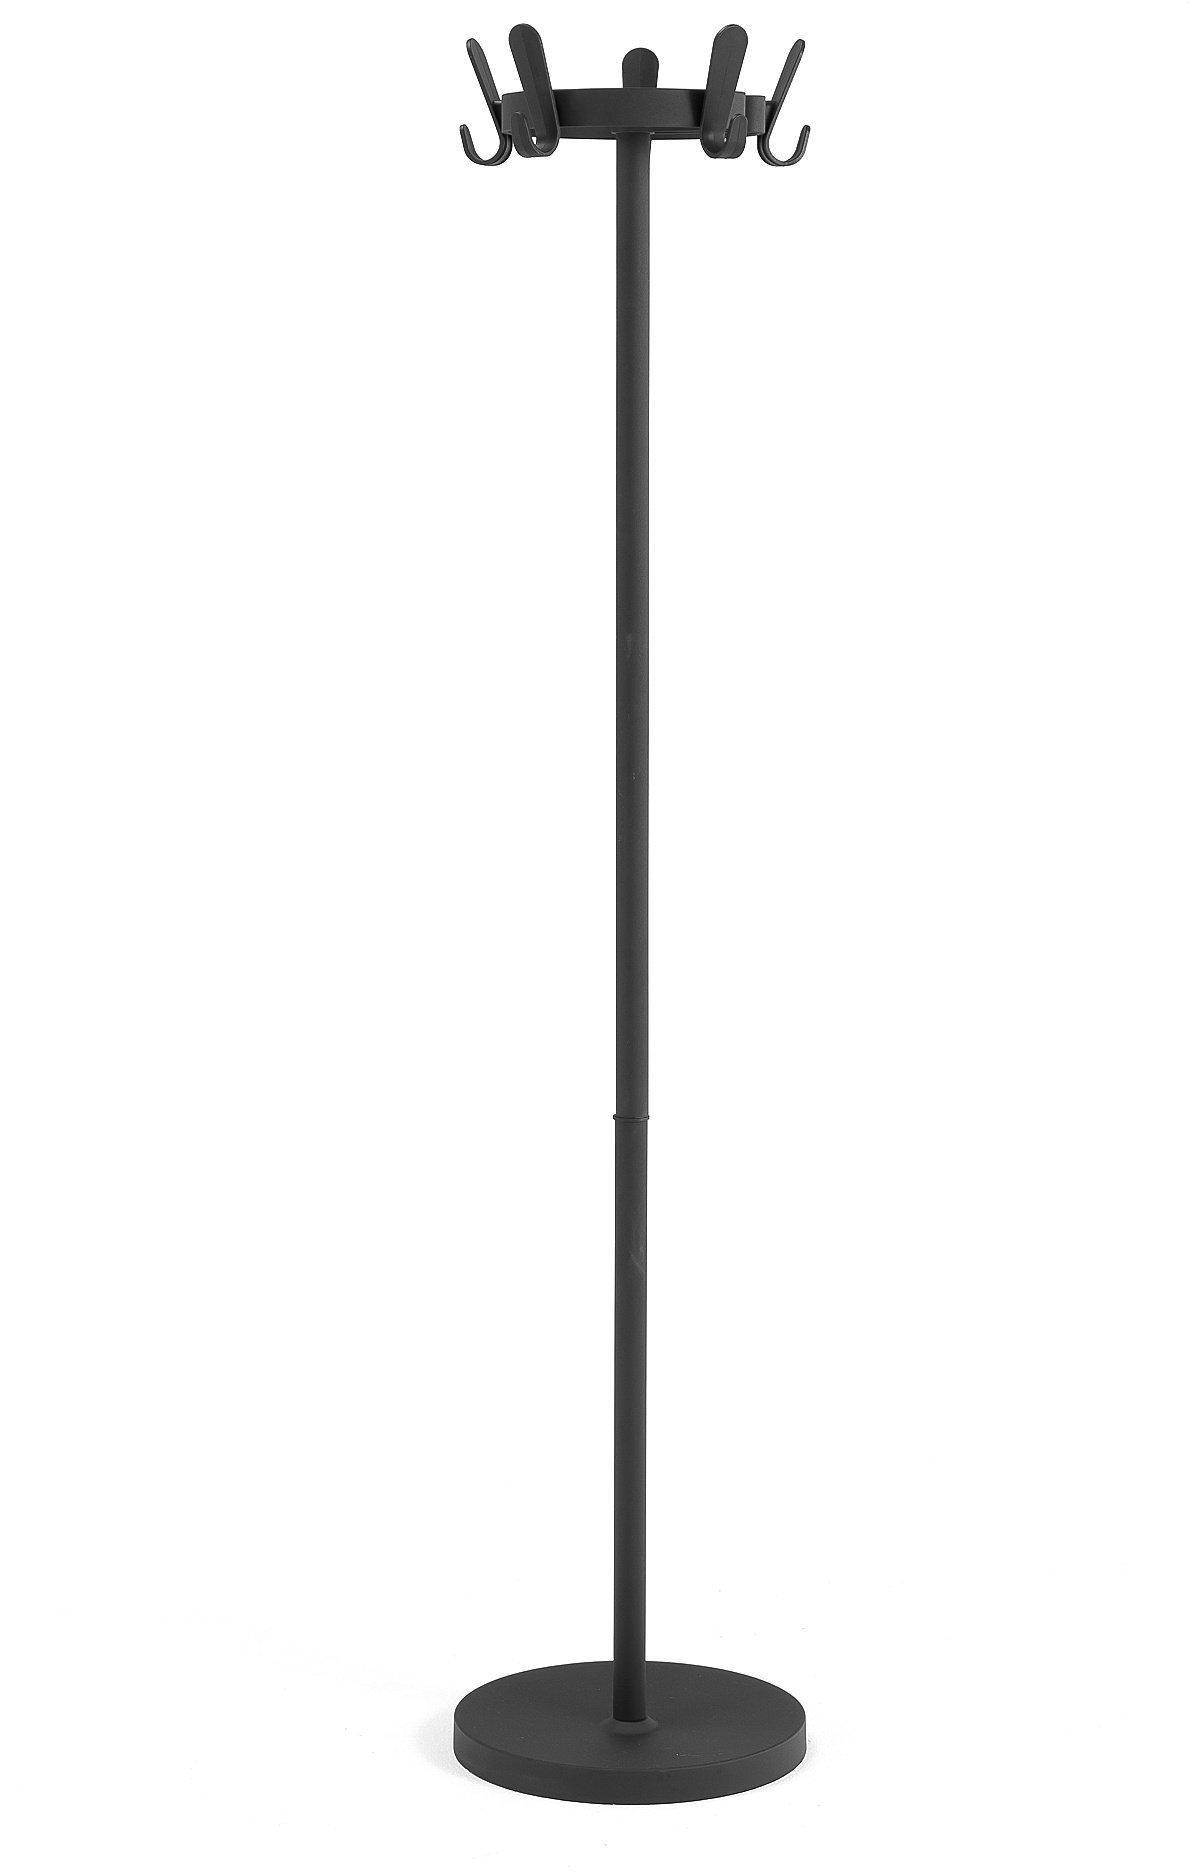 Vešiak na kabáty Graphite, 5 dvojitých háčikov, čierny